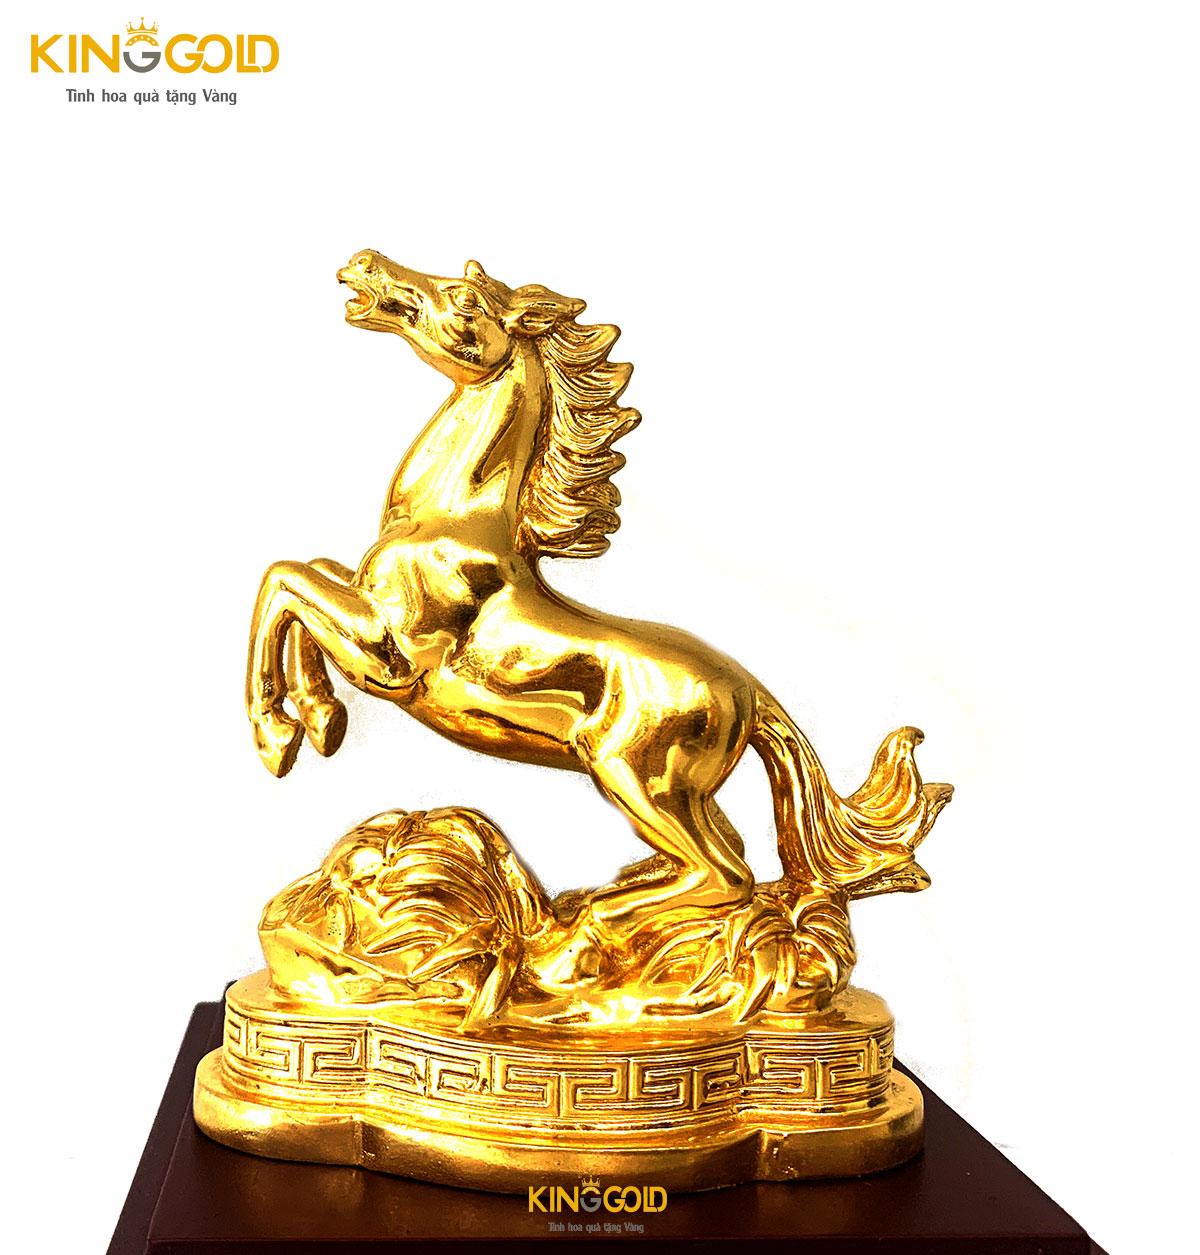 Ngựa đồng dát vàng 999,9 giá trị phong thủy